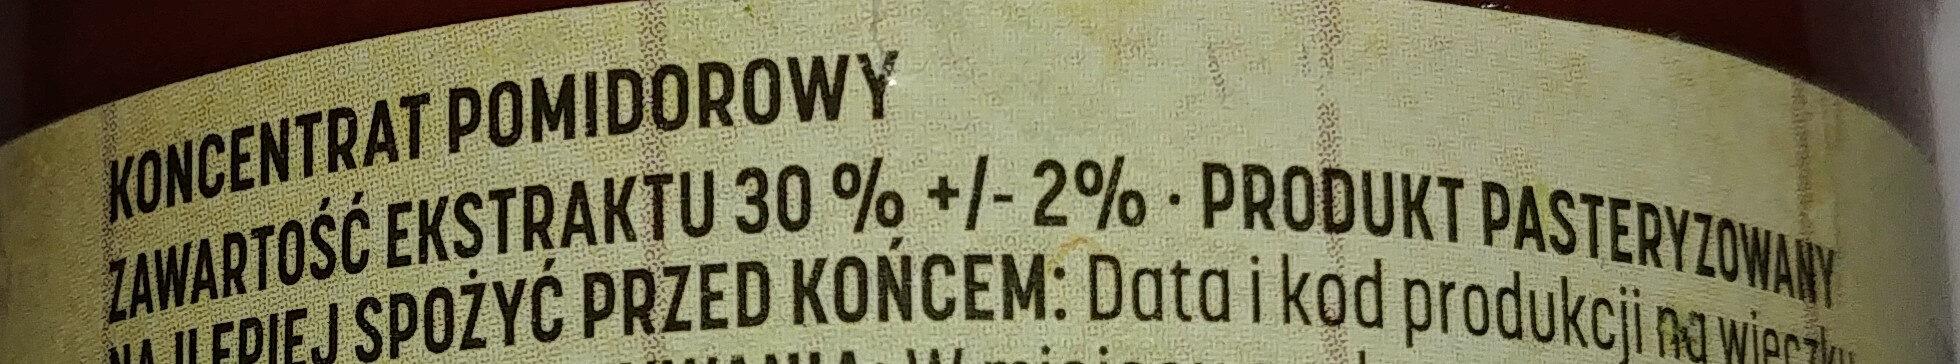 Koncentrat pomidorowy 30% - Ingredients - pl